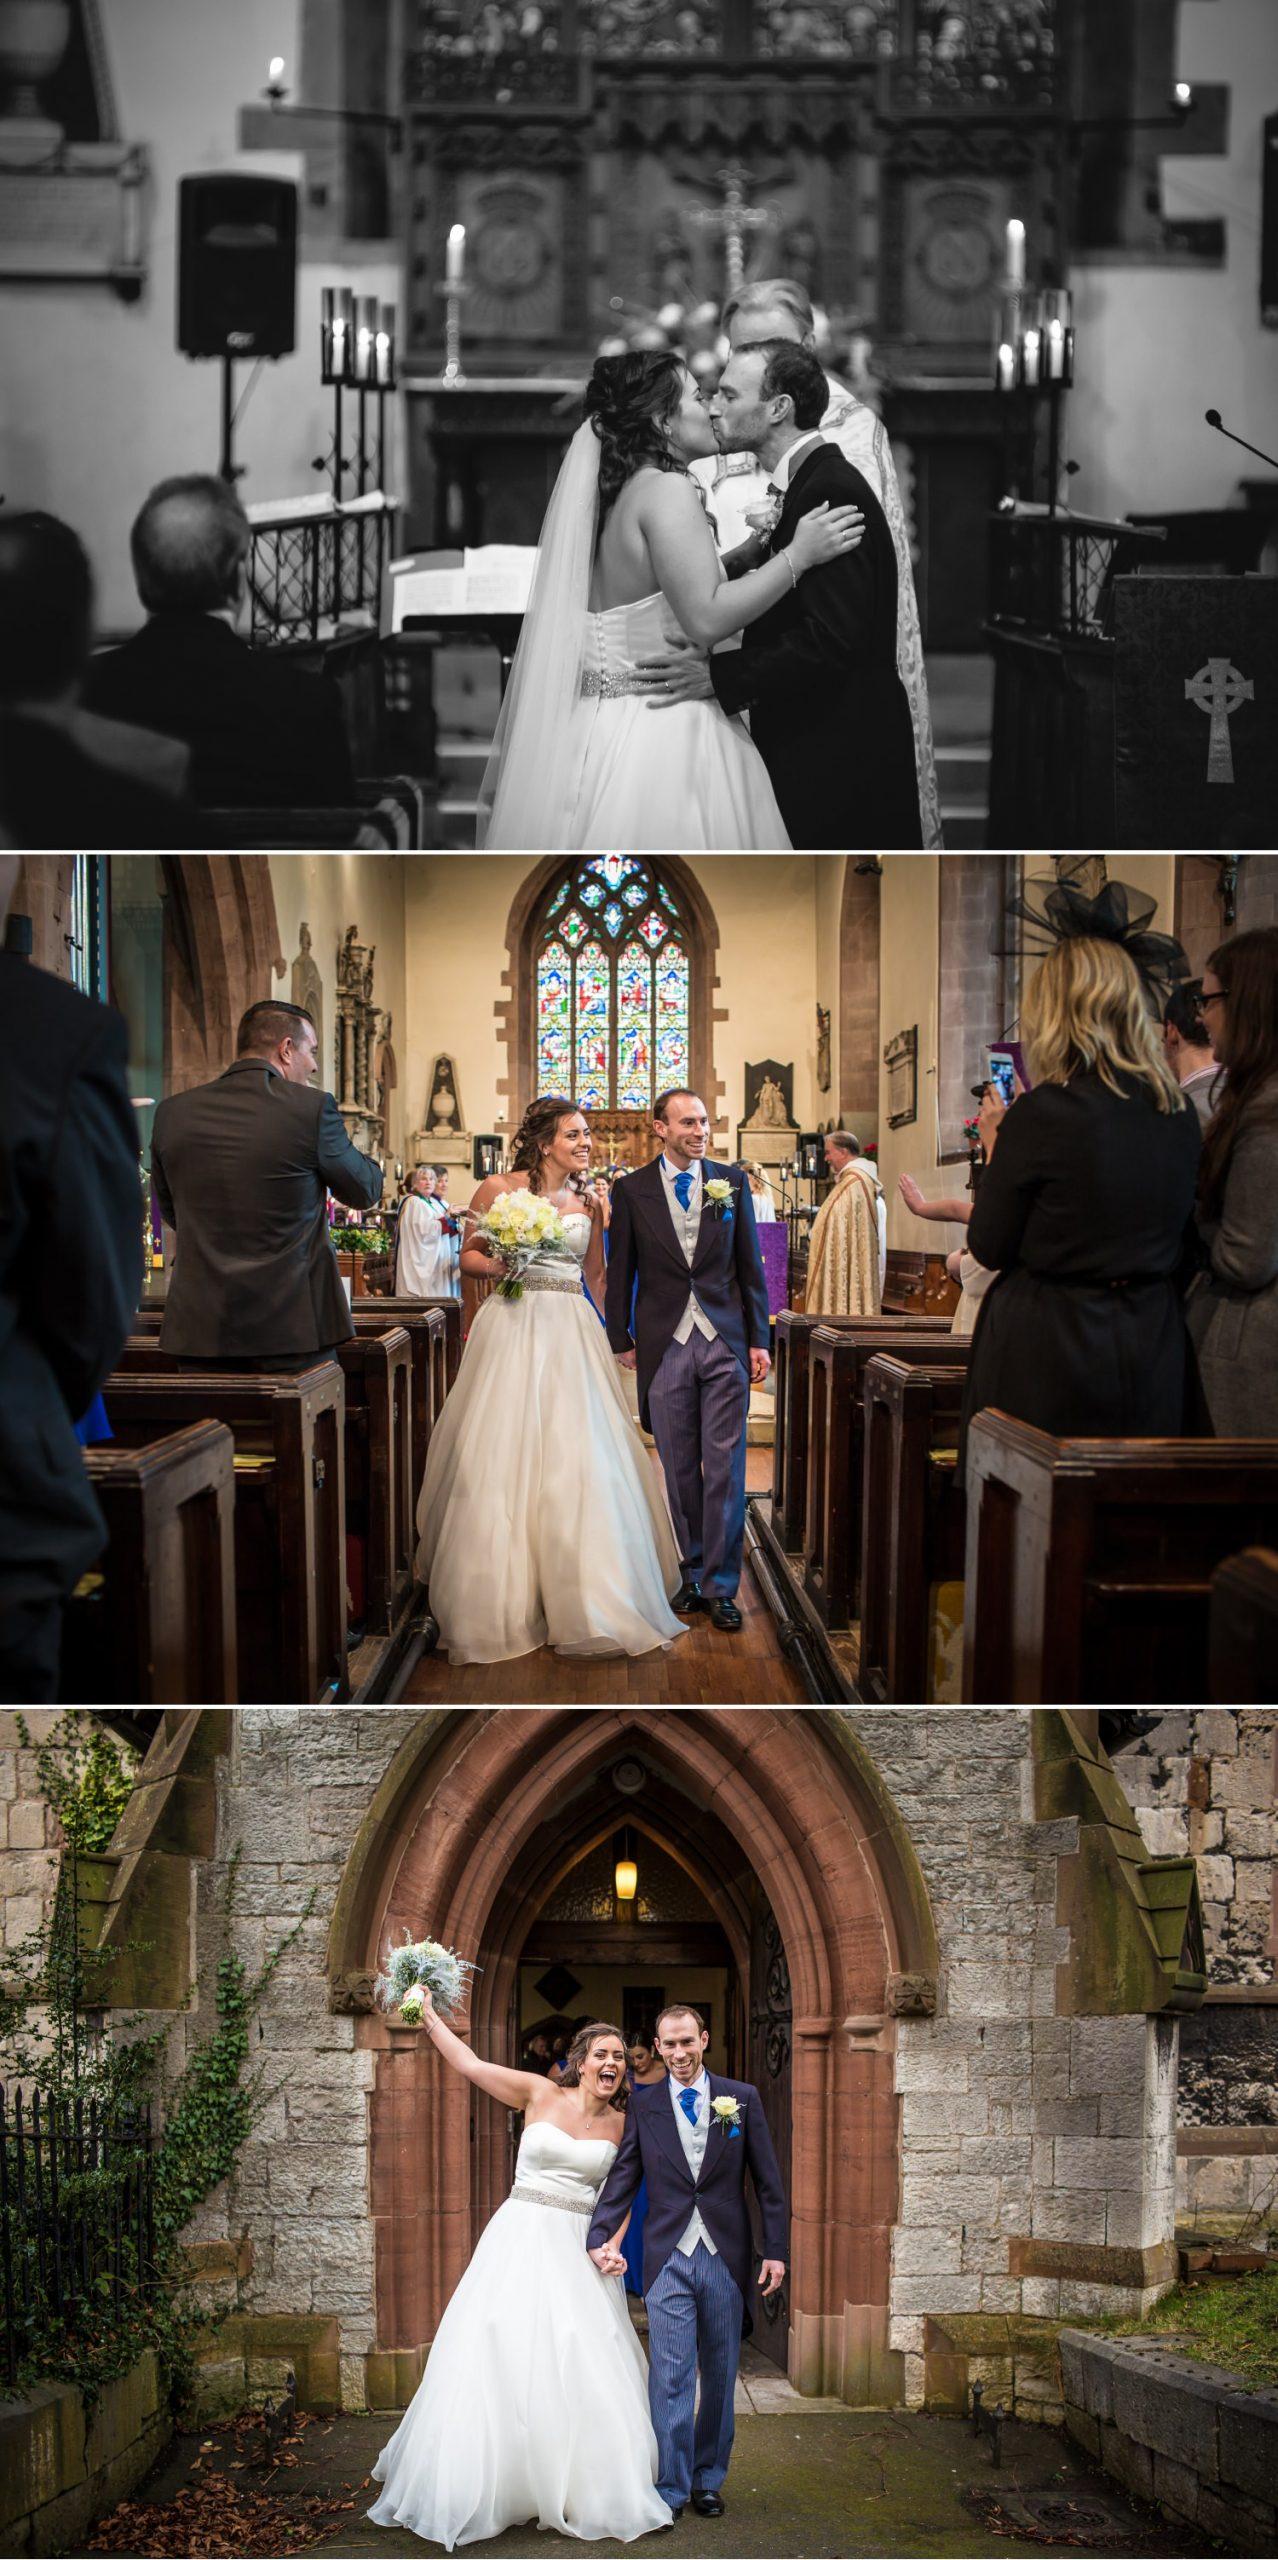 Church ceremony wedding photography in Llandudno North Wales